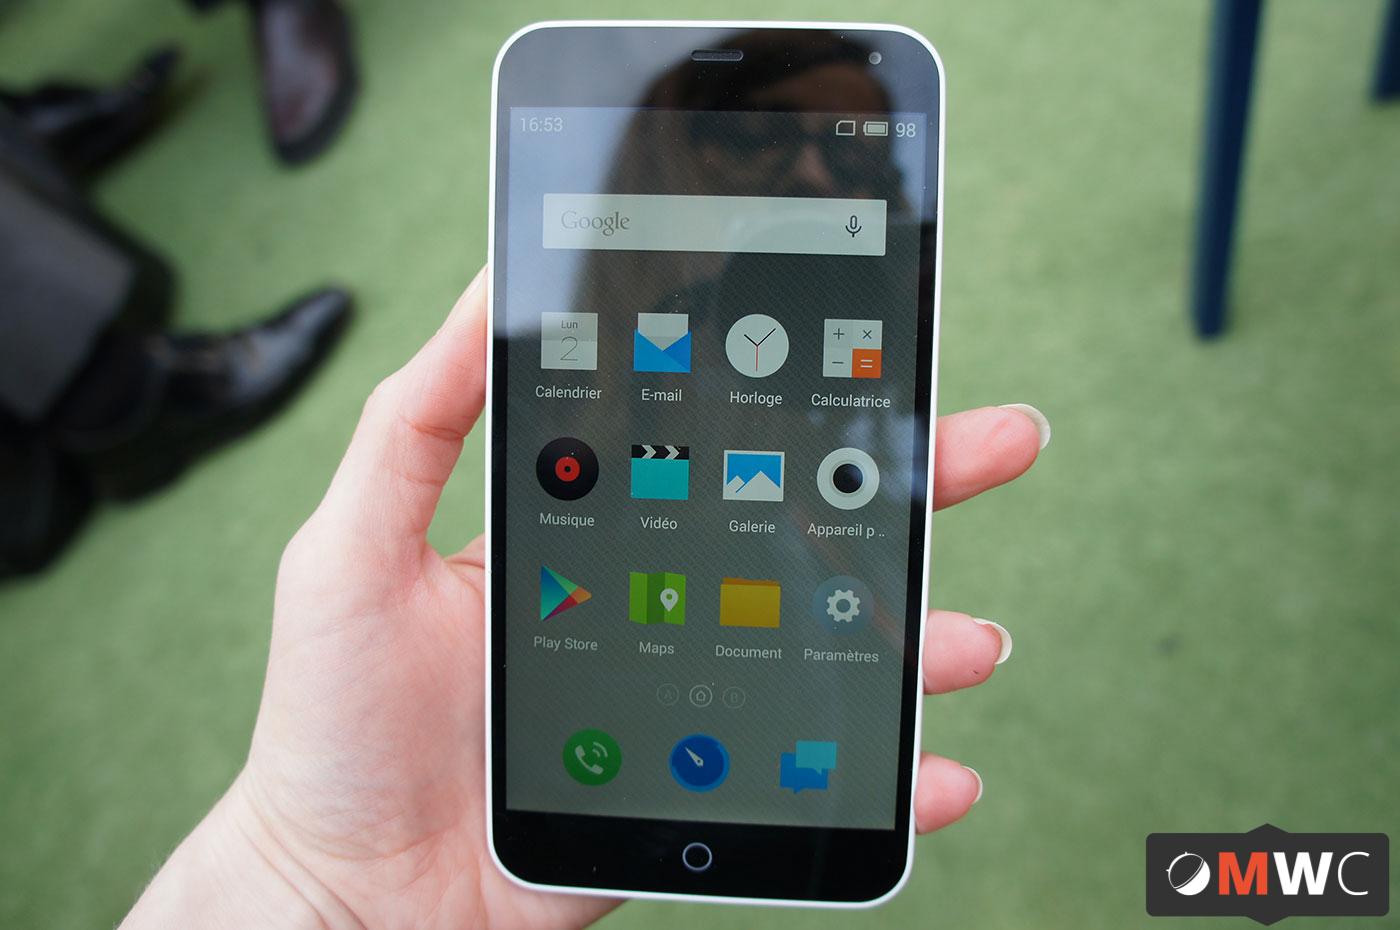 Prise en main du Meizu M1 Note sans 4G, premier étape dans l'expansion de Meizu en Europe